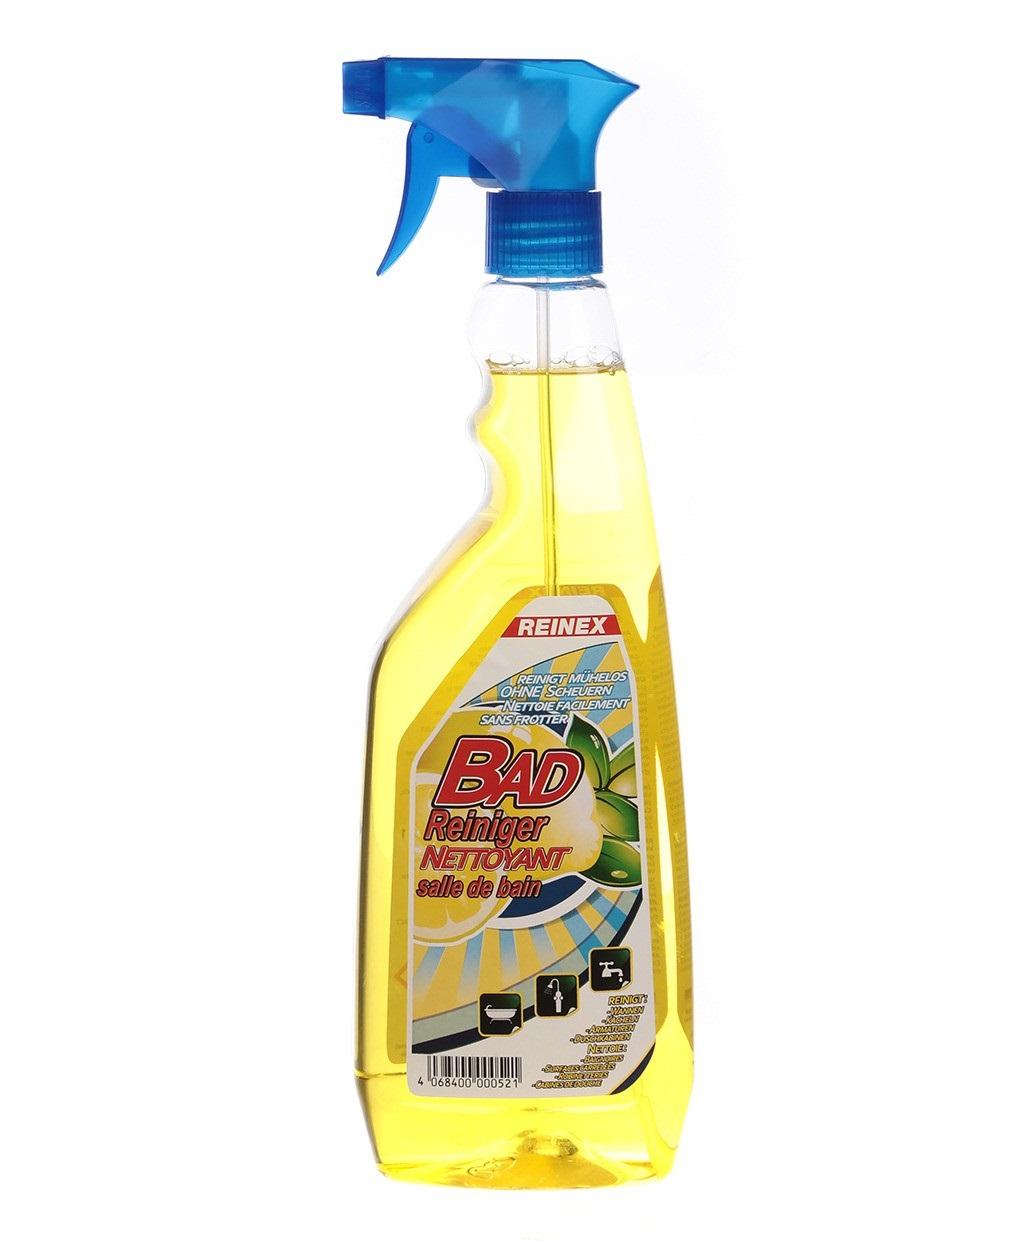 Чистящее средство для ванн, душевых кабин, сантехники и плитки Reinex Badreiniger 750 мл (4068400000521)